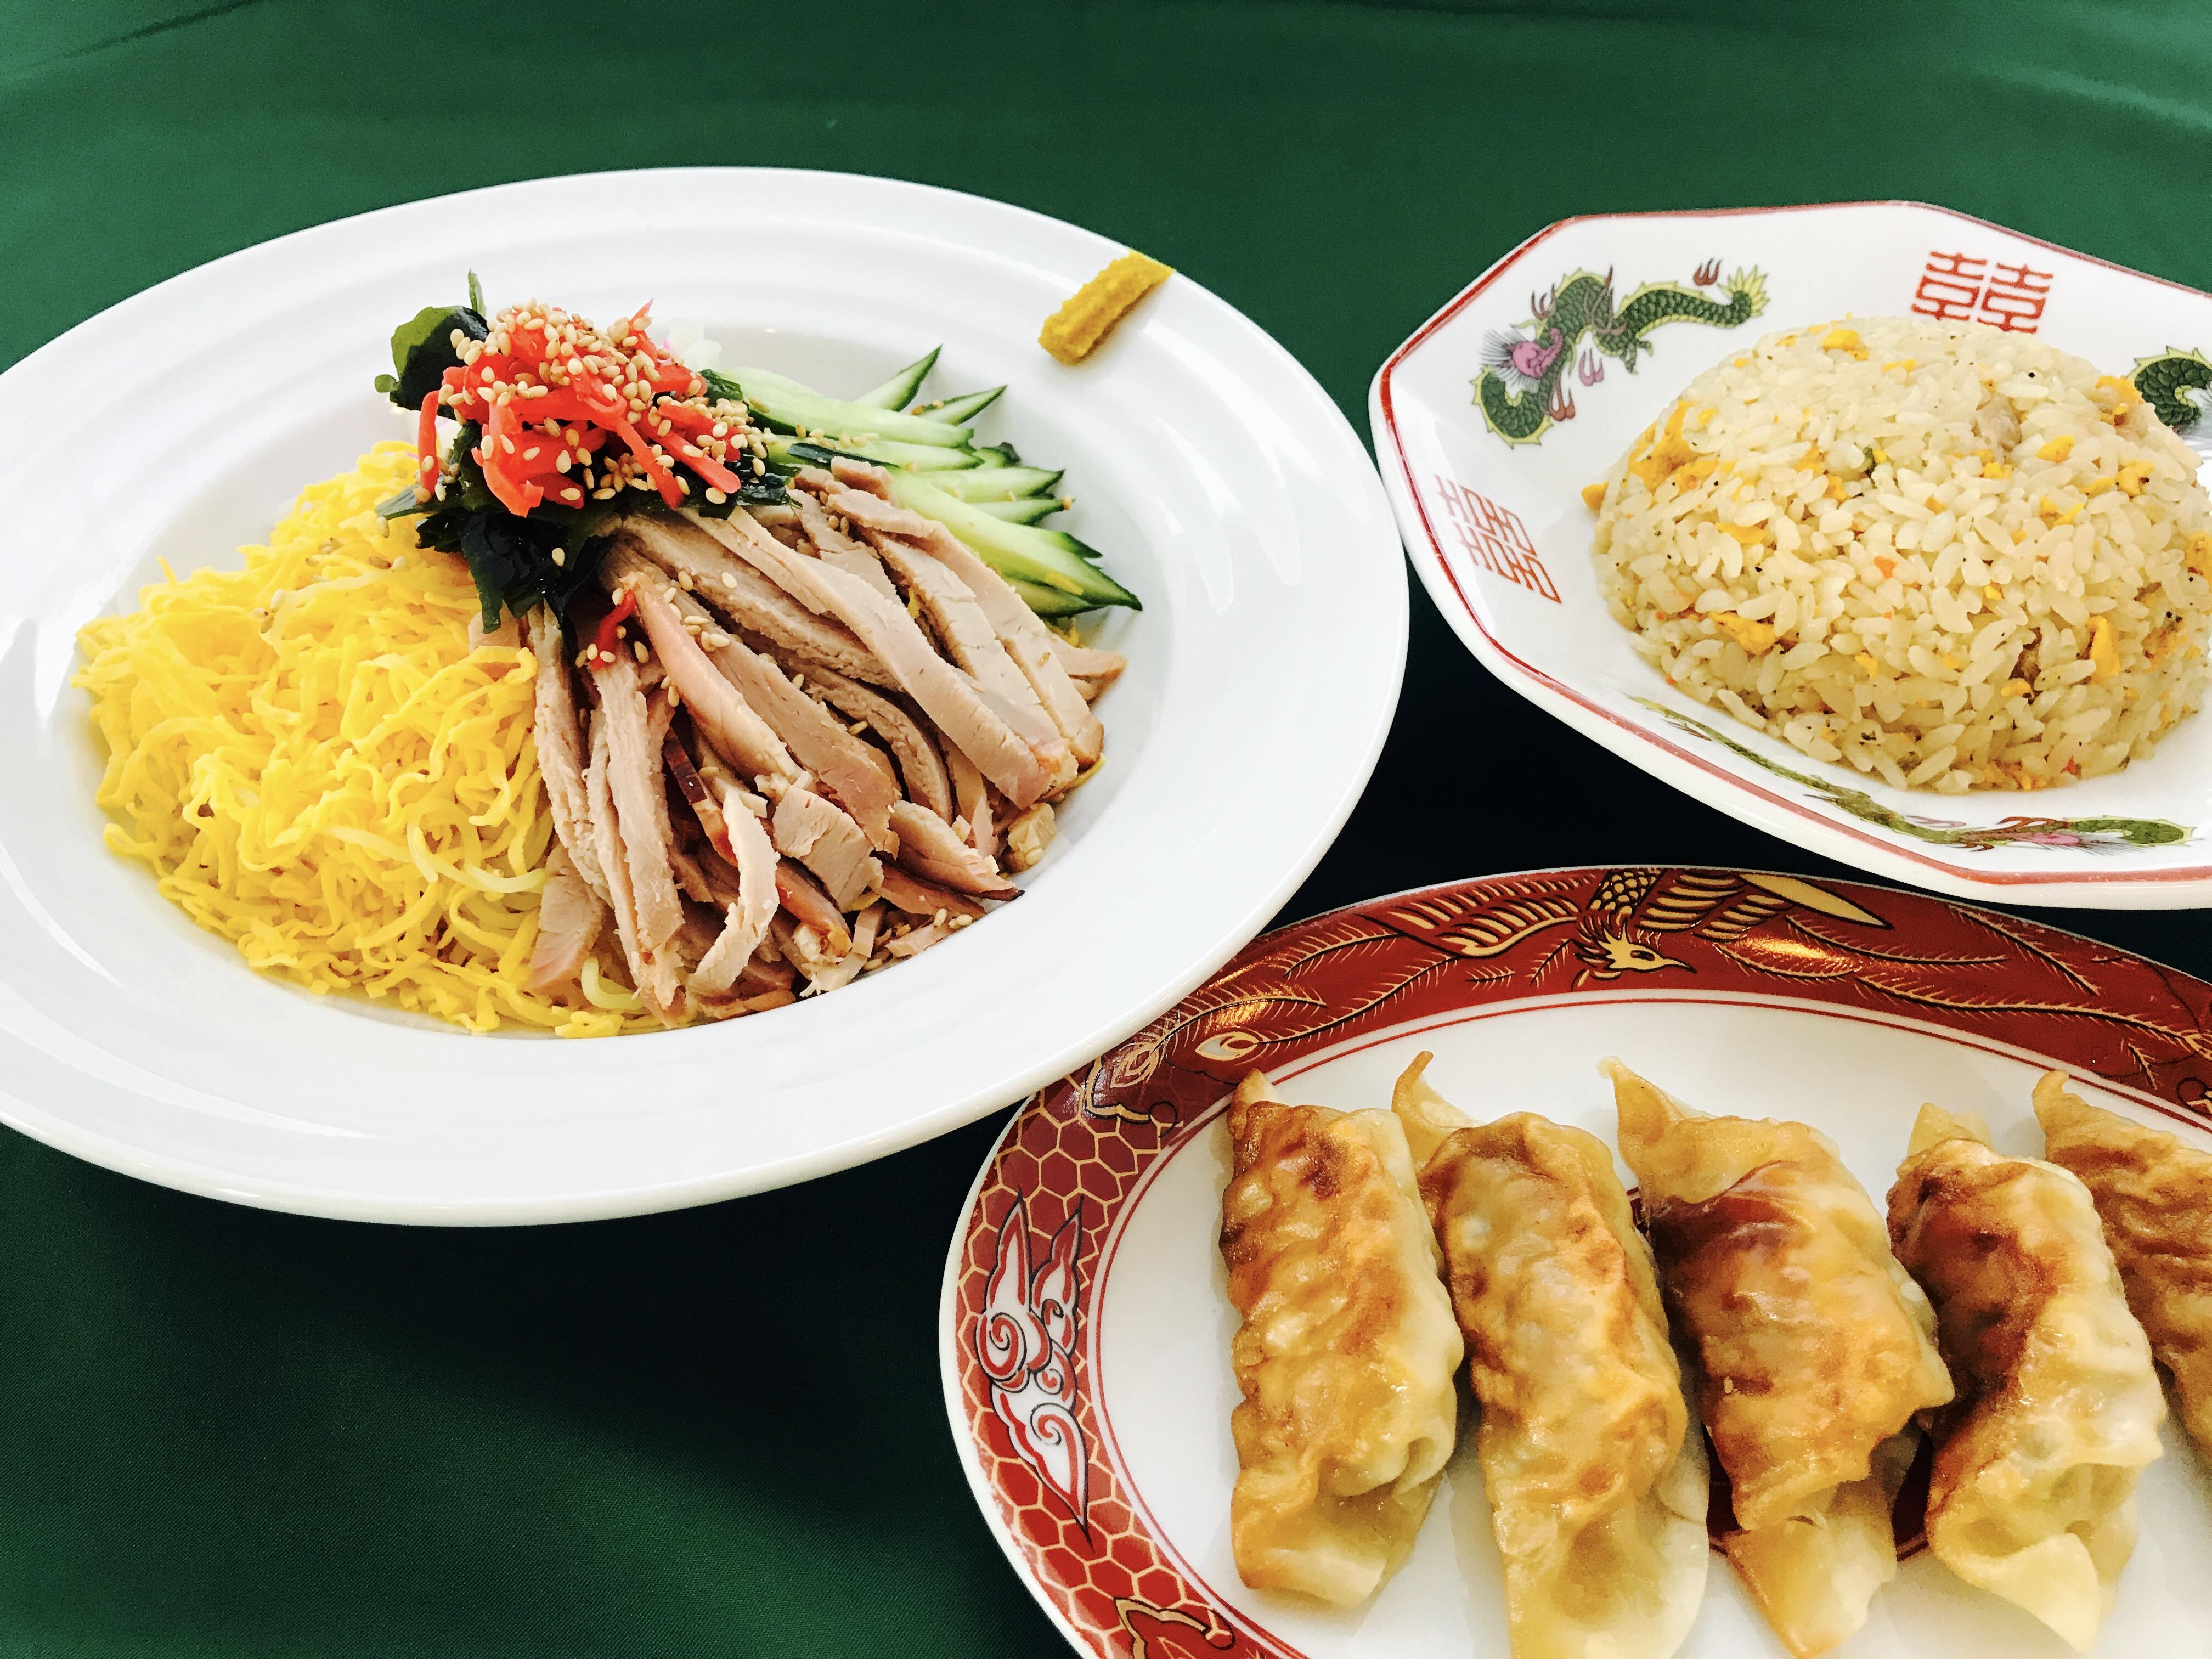 冷やし中華と<br>チャーハン餃子セット